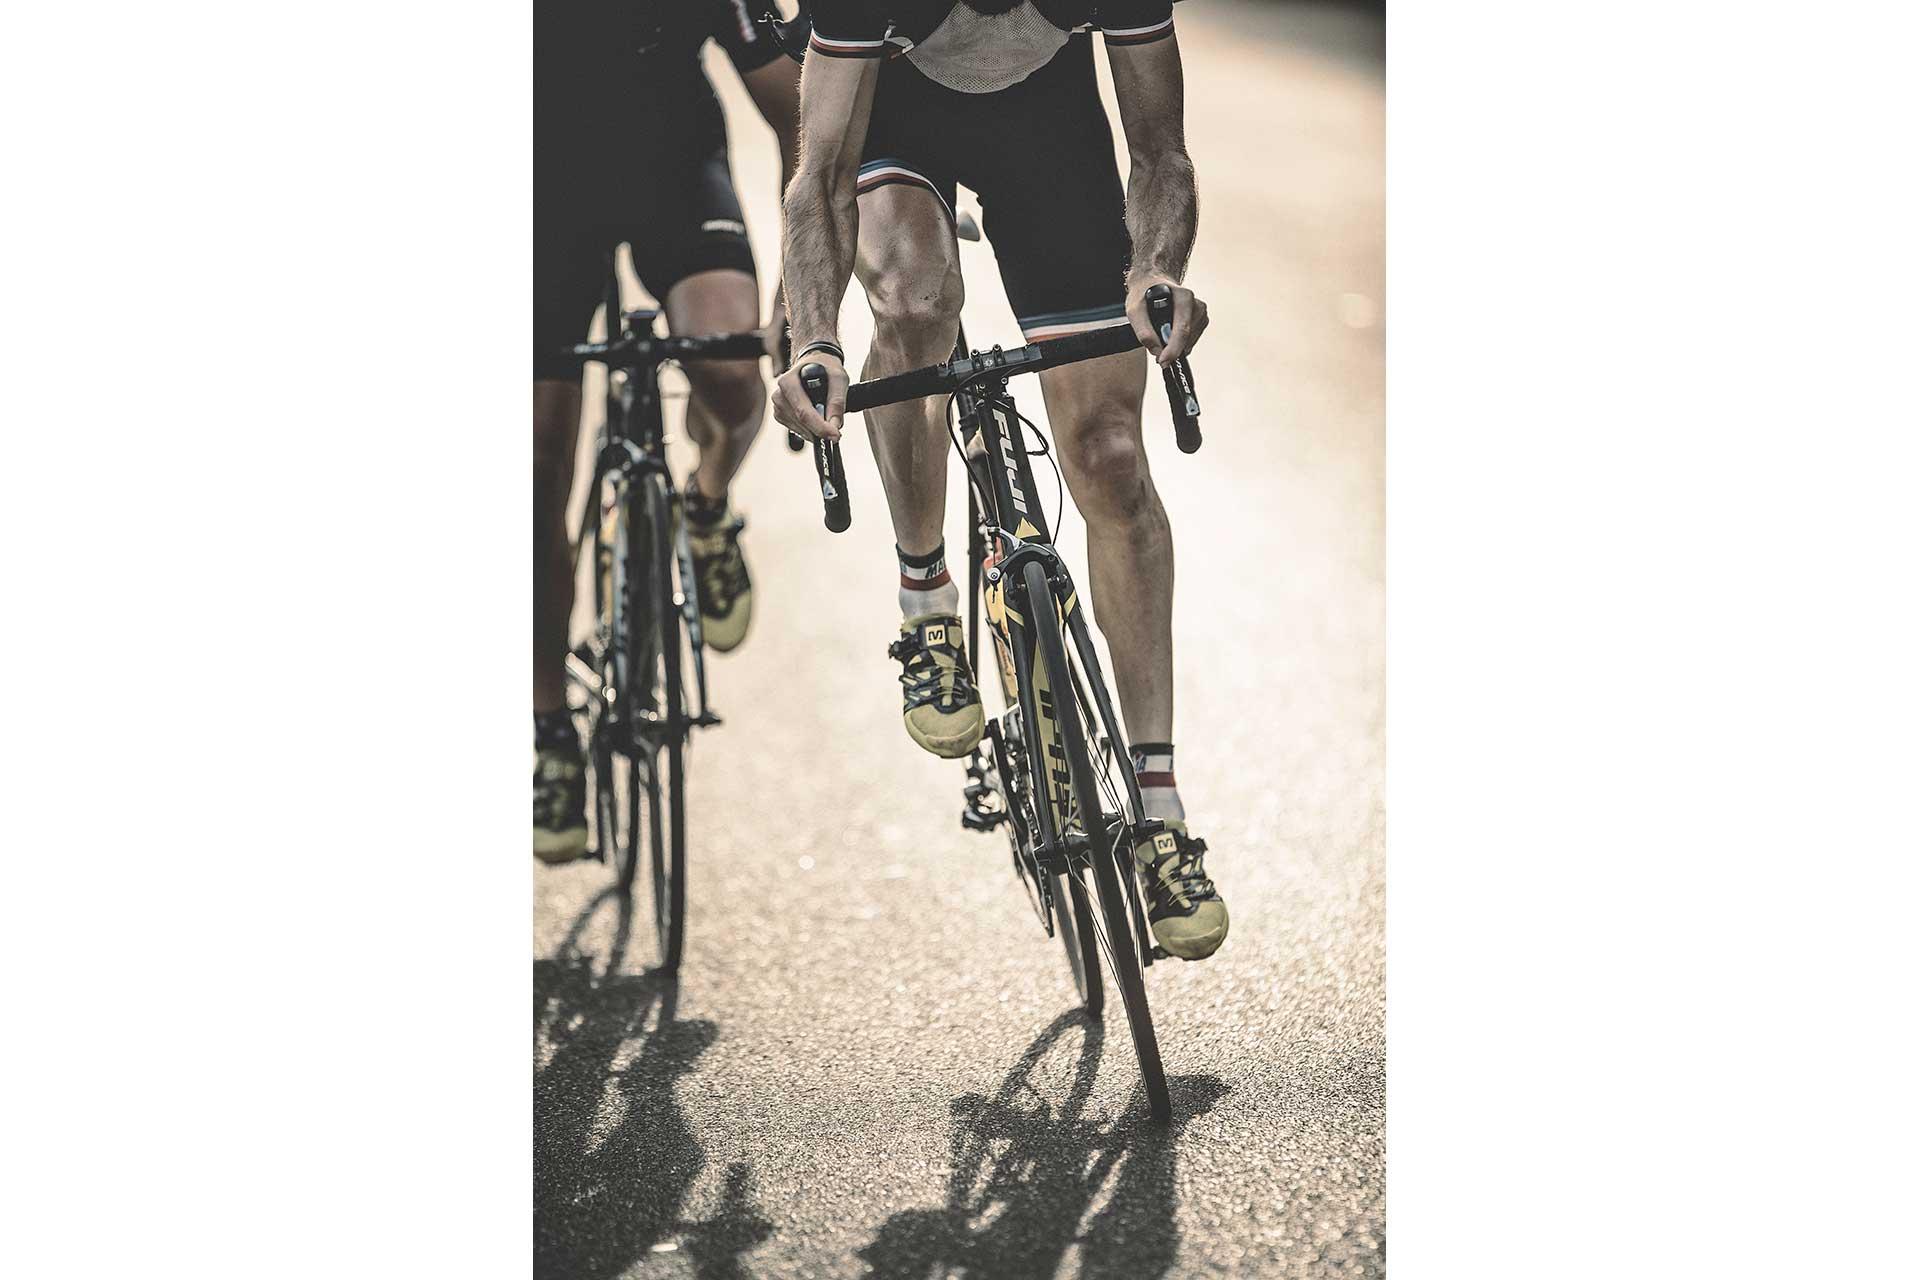 Rennrad Sport Fahrrad Aktion Fotograf Outdoor Mailand San Remo Hamburg Deutschland